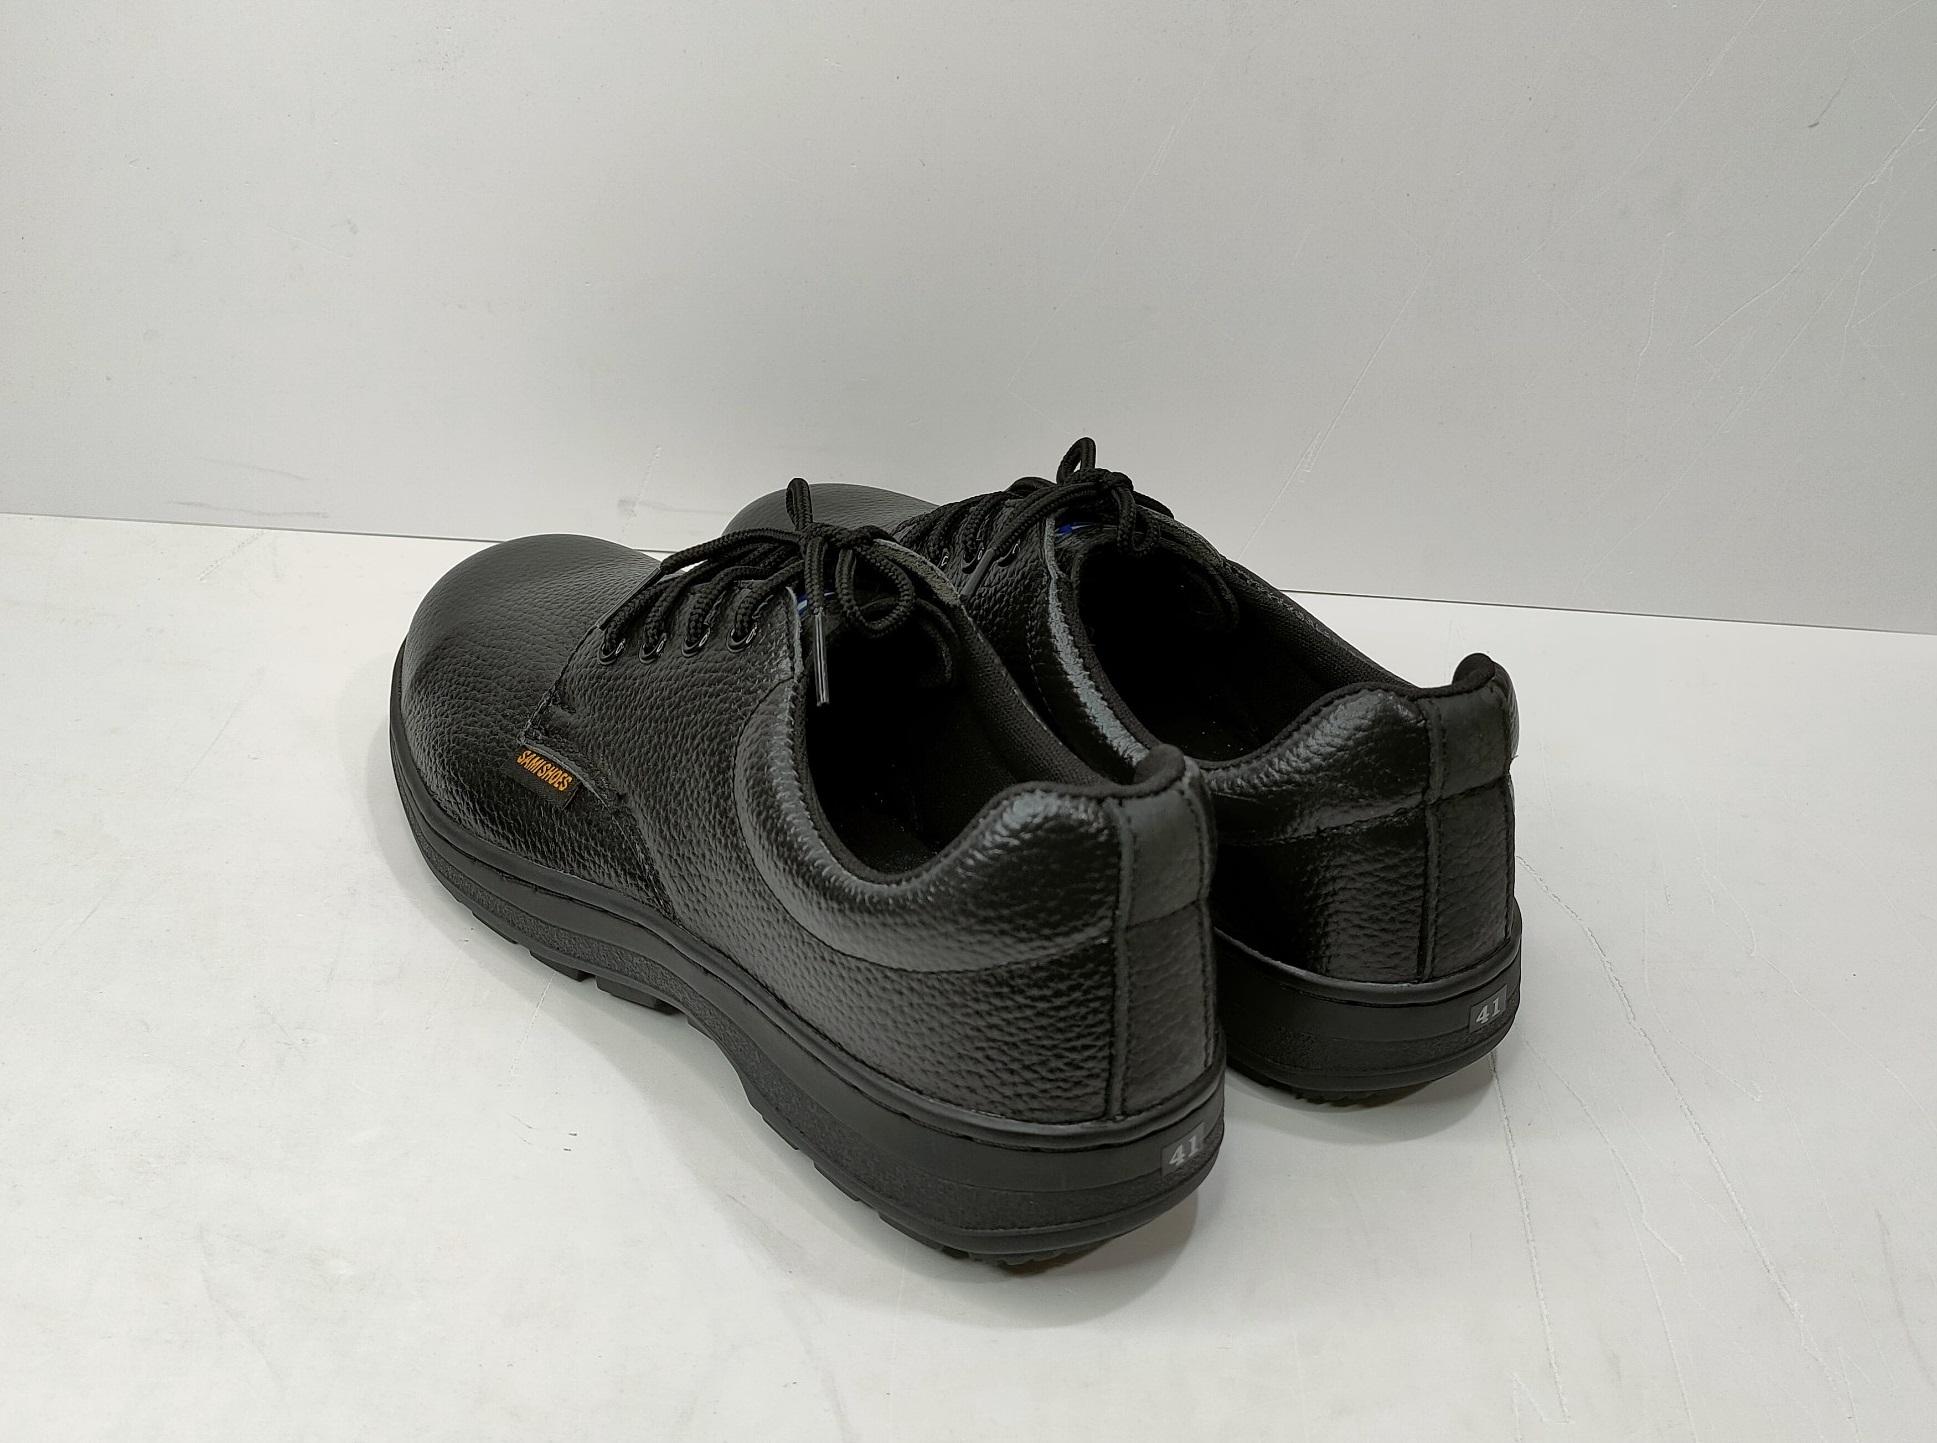 giày bảo hộ sami sk 202